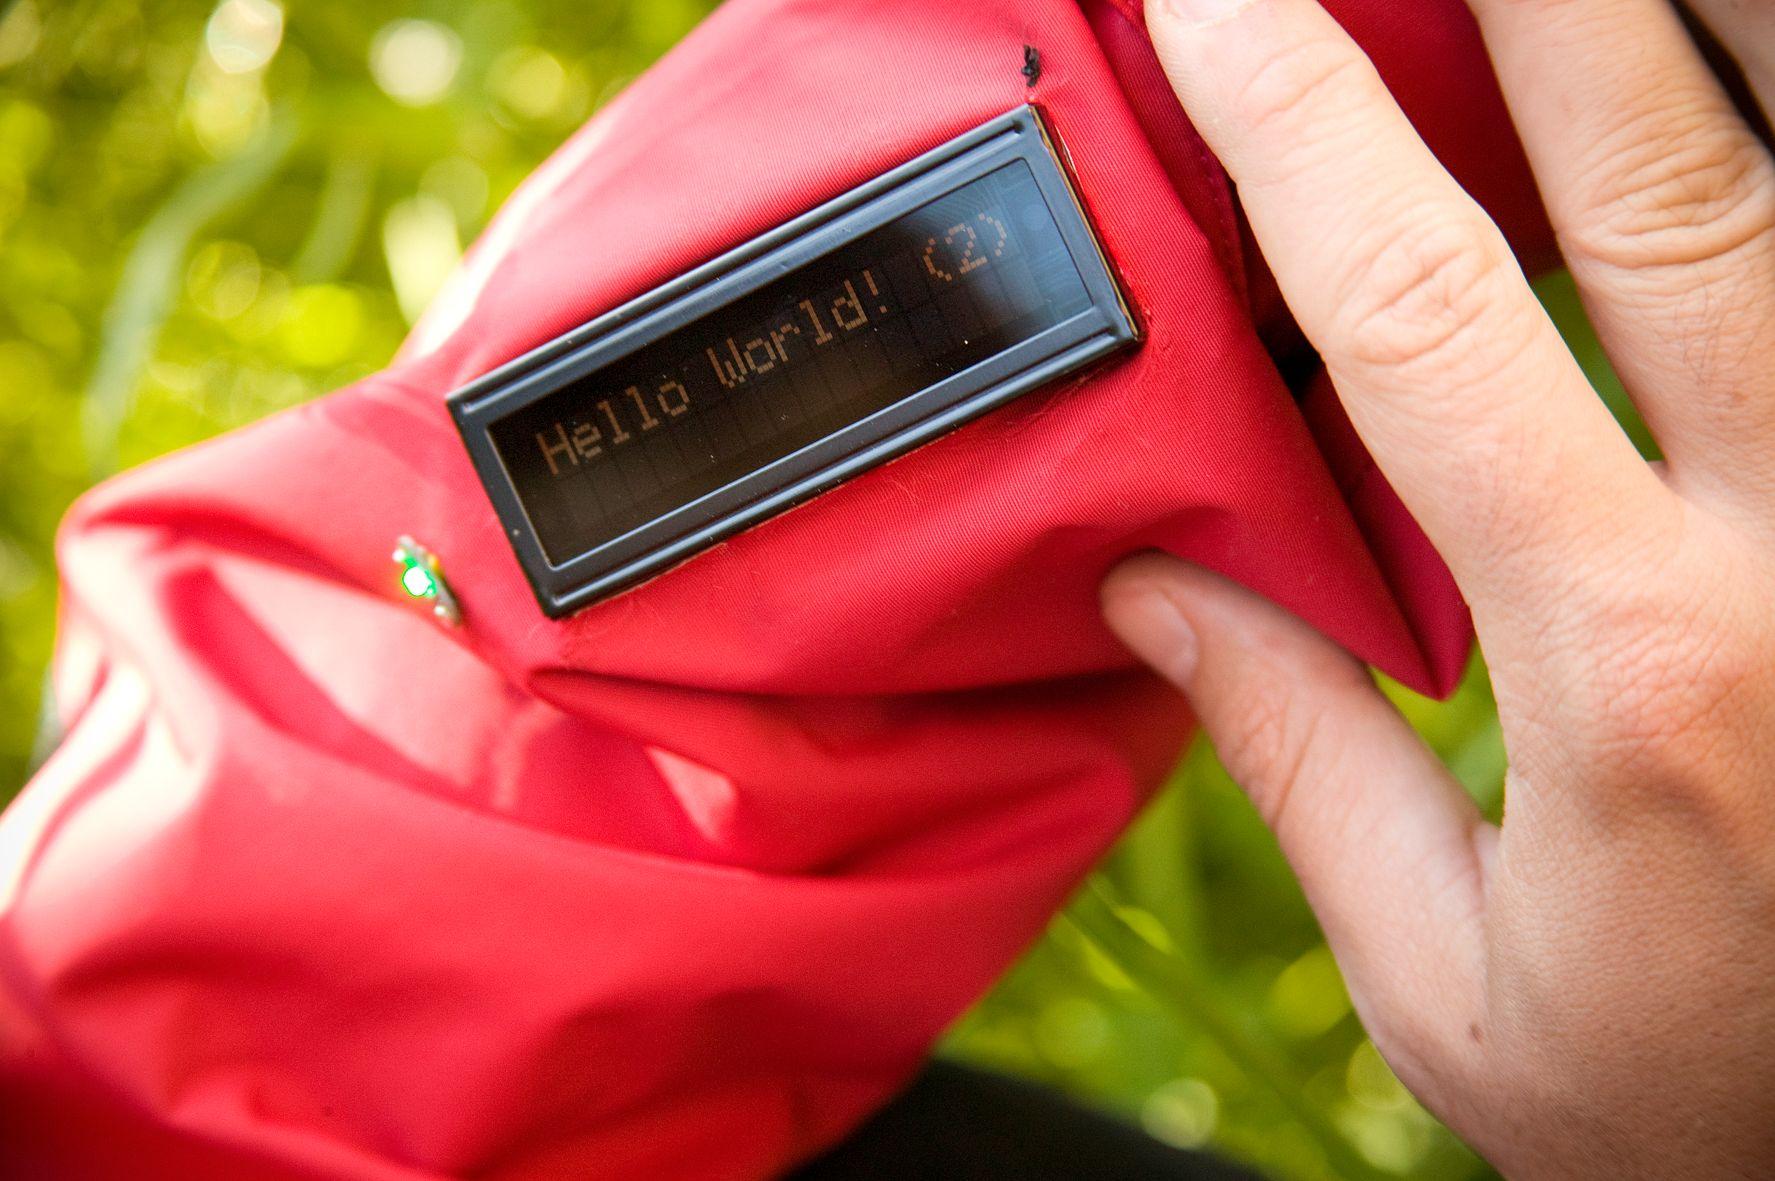 PRAKTISK: I stedet for et telefondisplay er det sydd et display på jakkeermet, som viser en linje med rulletekst. Skal man svare på meldingen, må mobil benyttes.Foto: Gry Karin Stimo